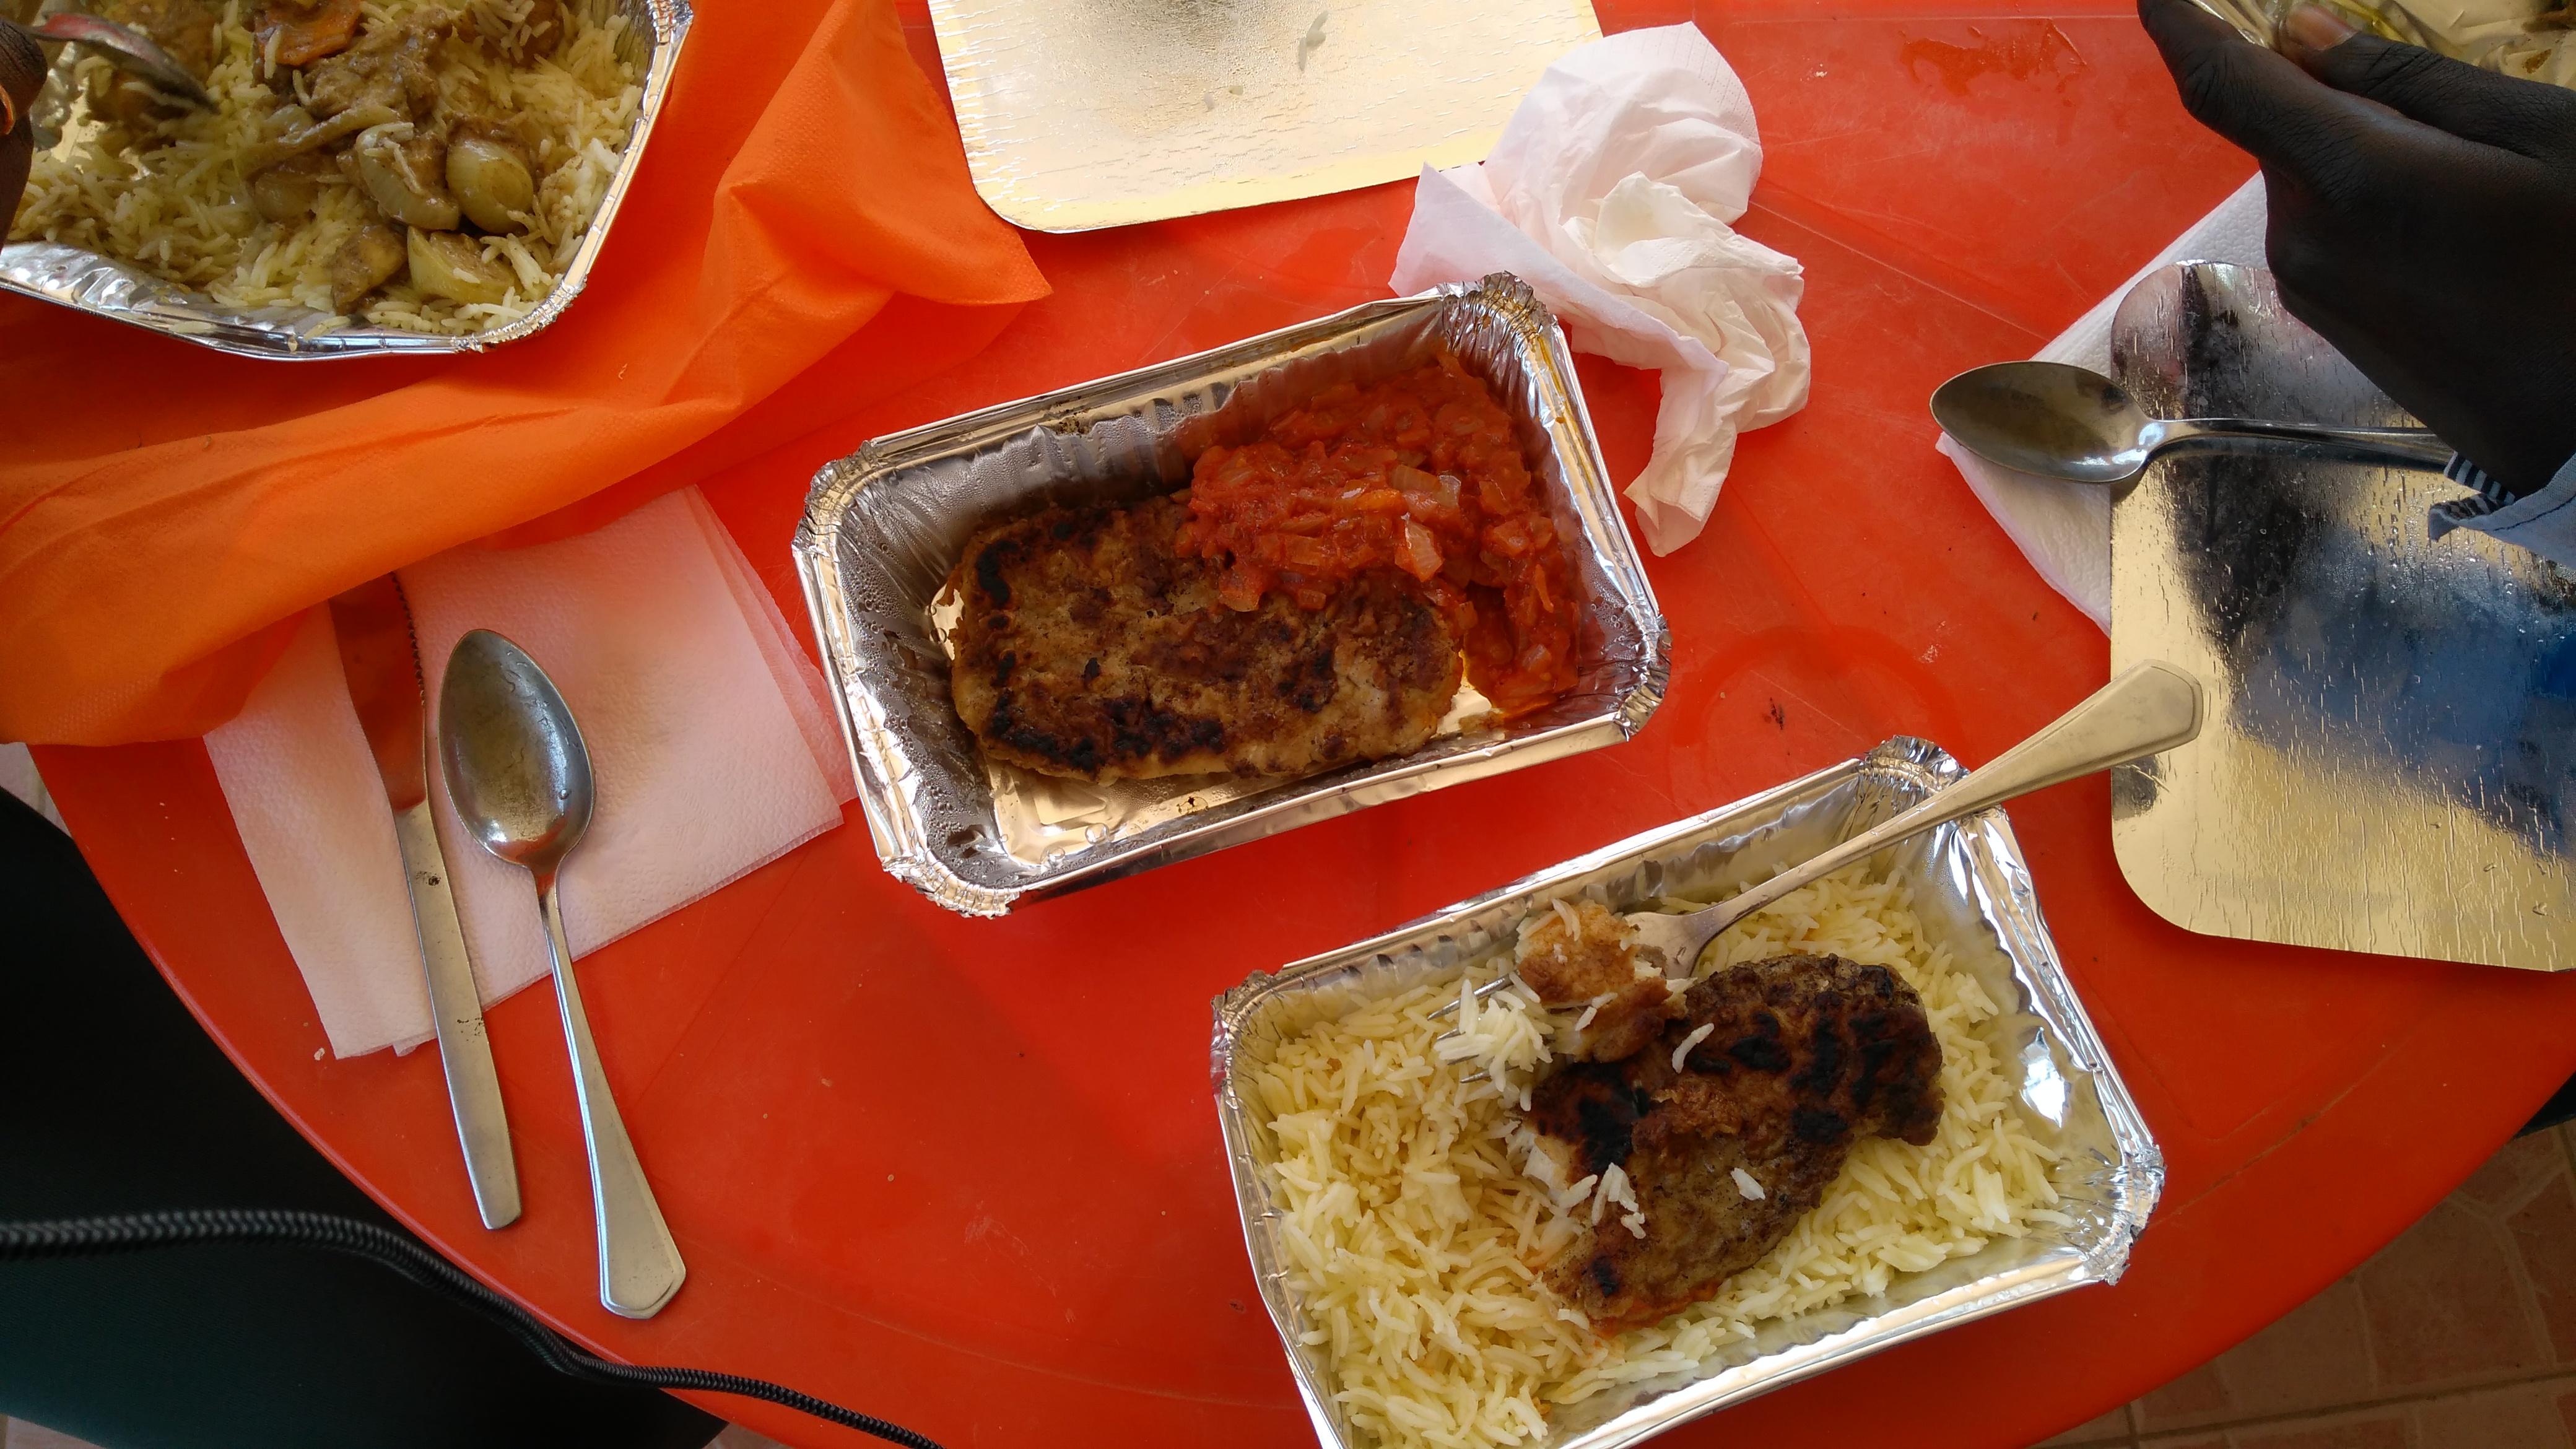 https://foodloader.net/blub_2017-03-26_Fischfilet_mit_Reis_und_Tomate-Zwiebel_Salat.jpg